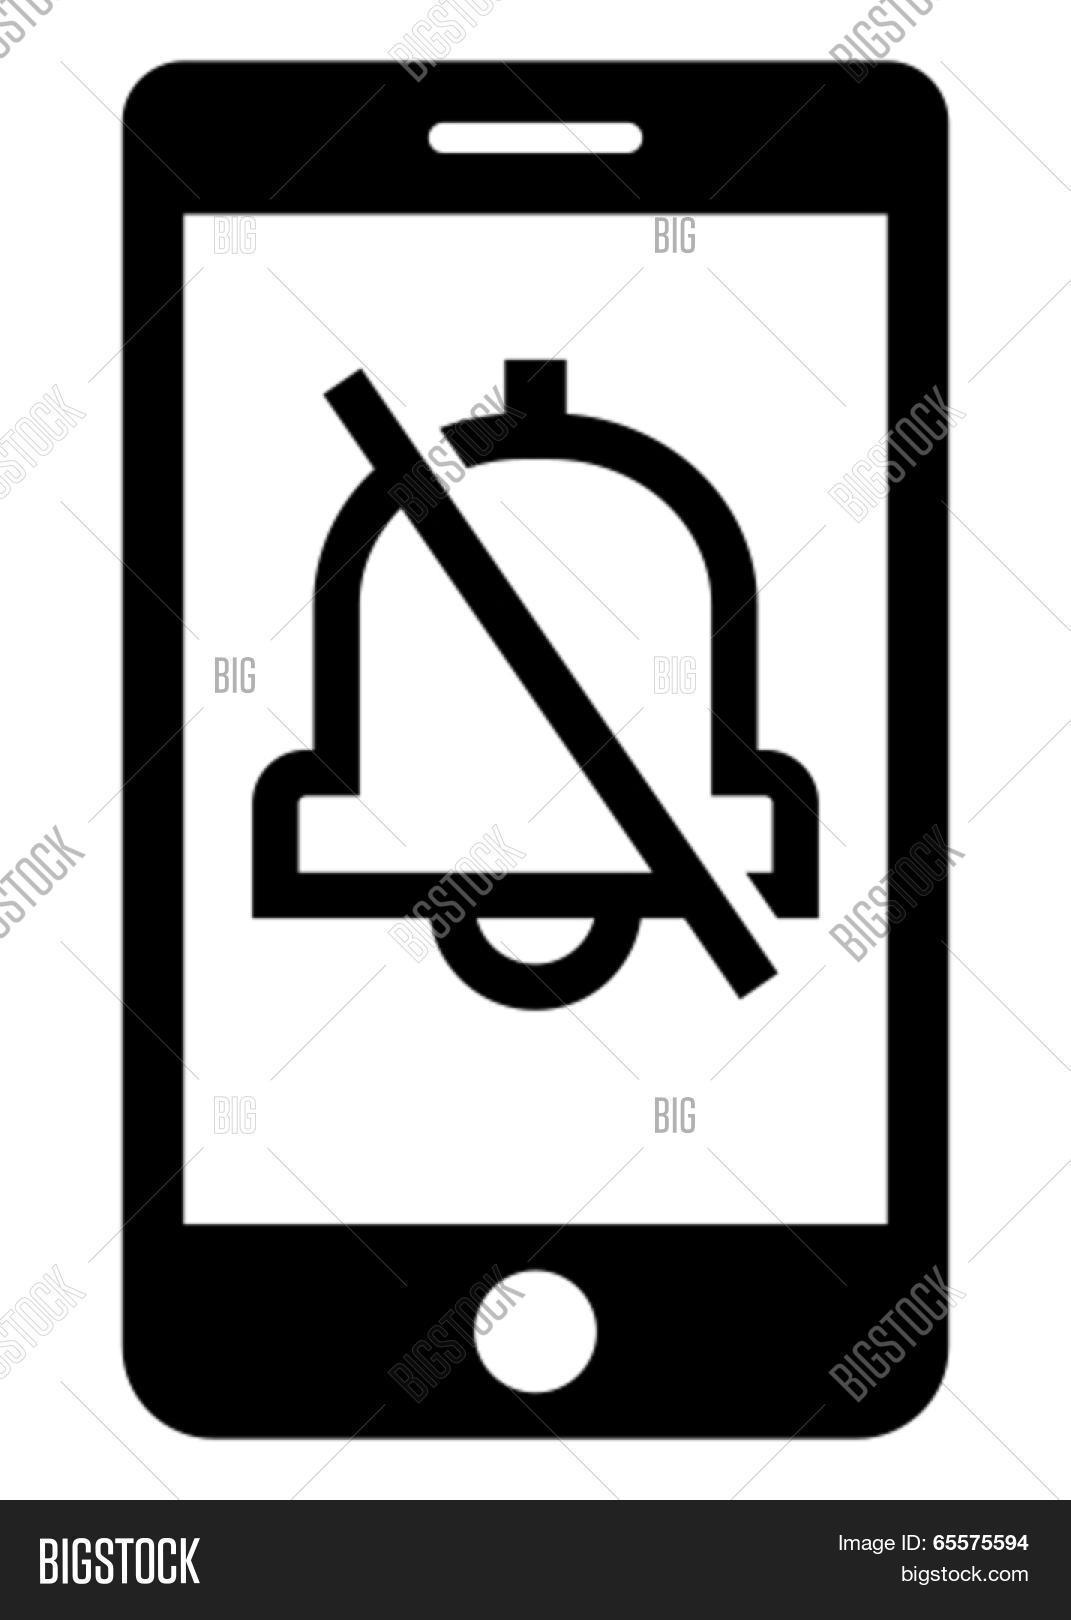 есть картинка переведите телефон в беззвучный режим пва технические